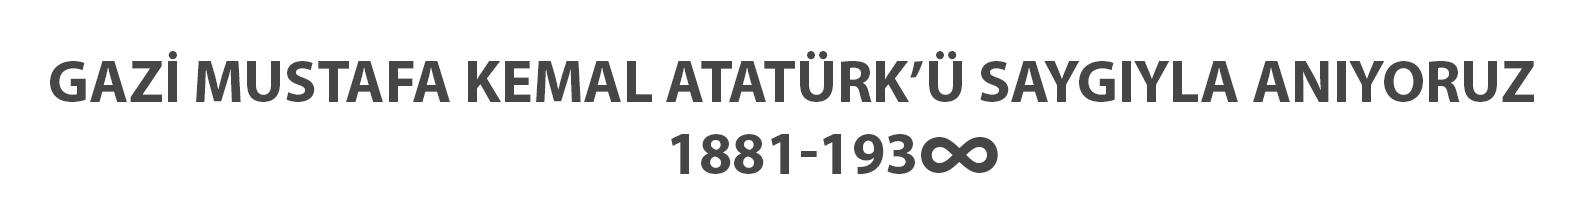 Gazi Mustafa Kemal Atatürk'ü Saygıyla Anıyoruz